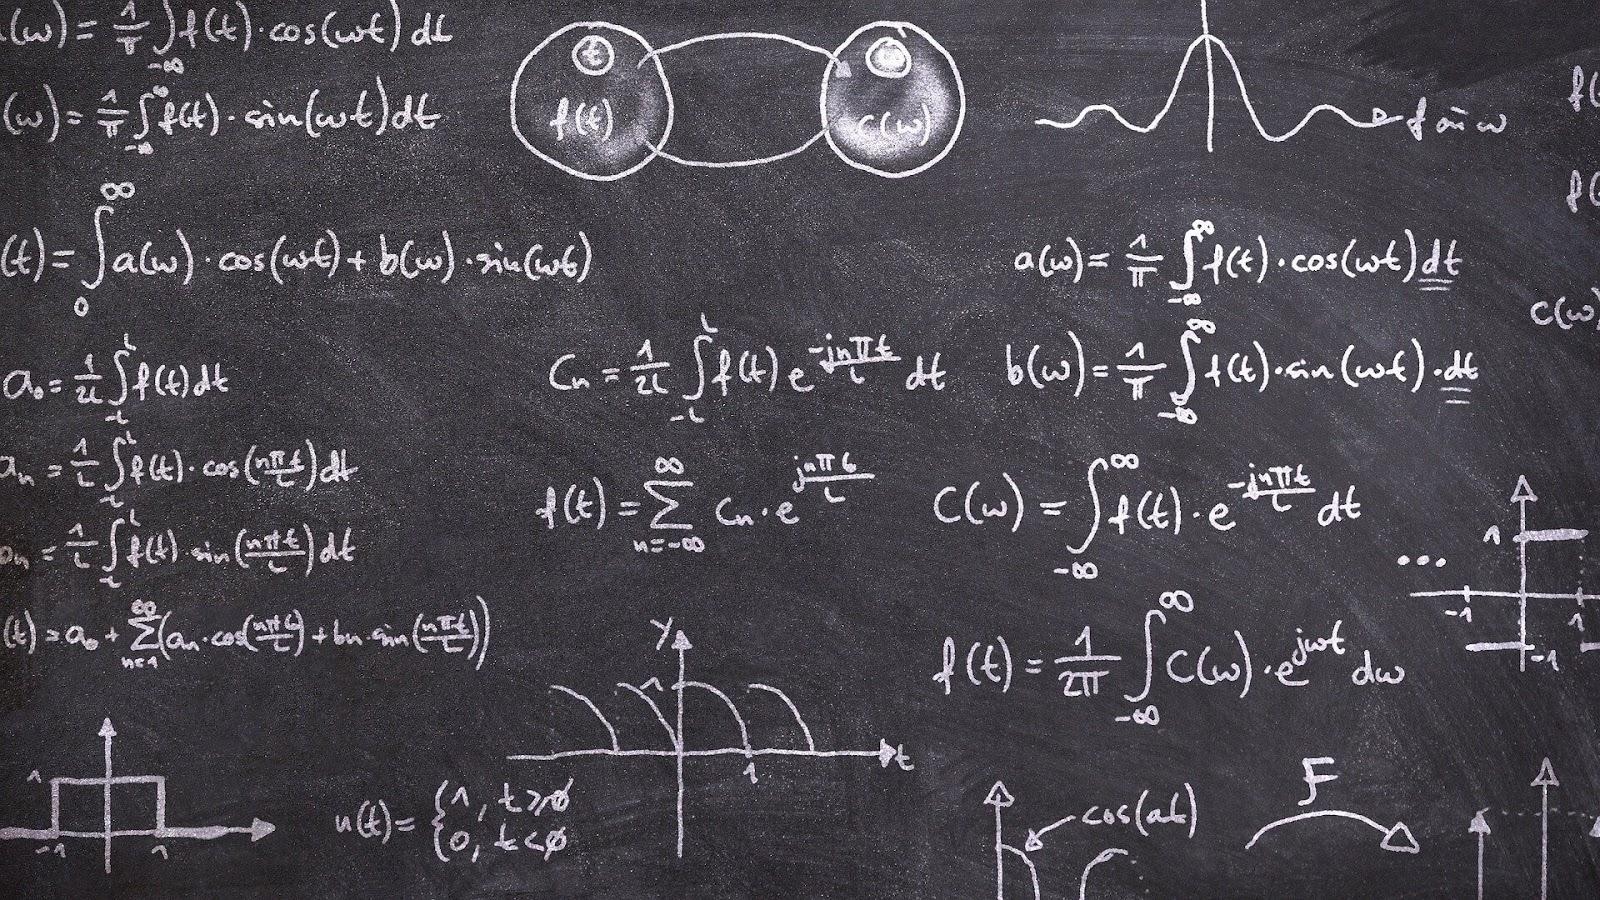 黒板に書かれた数式。